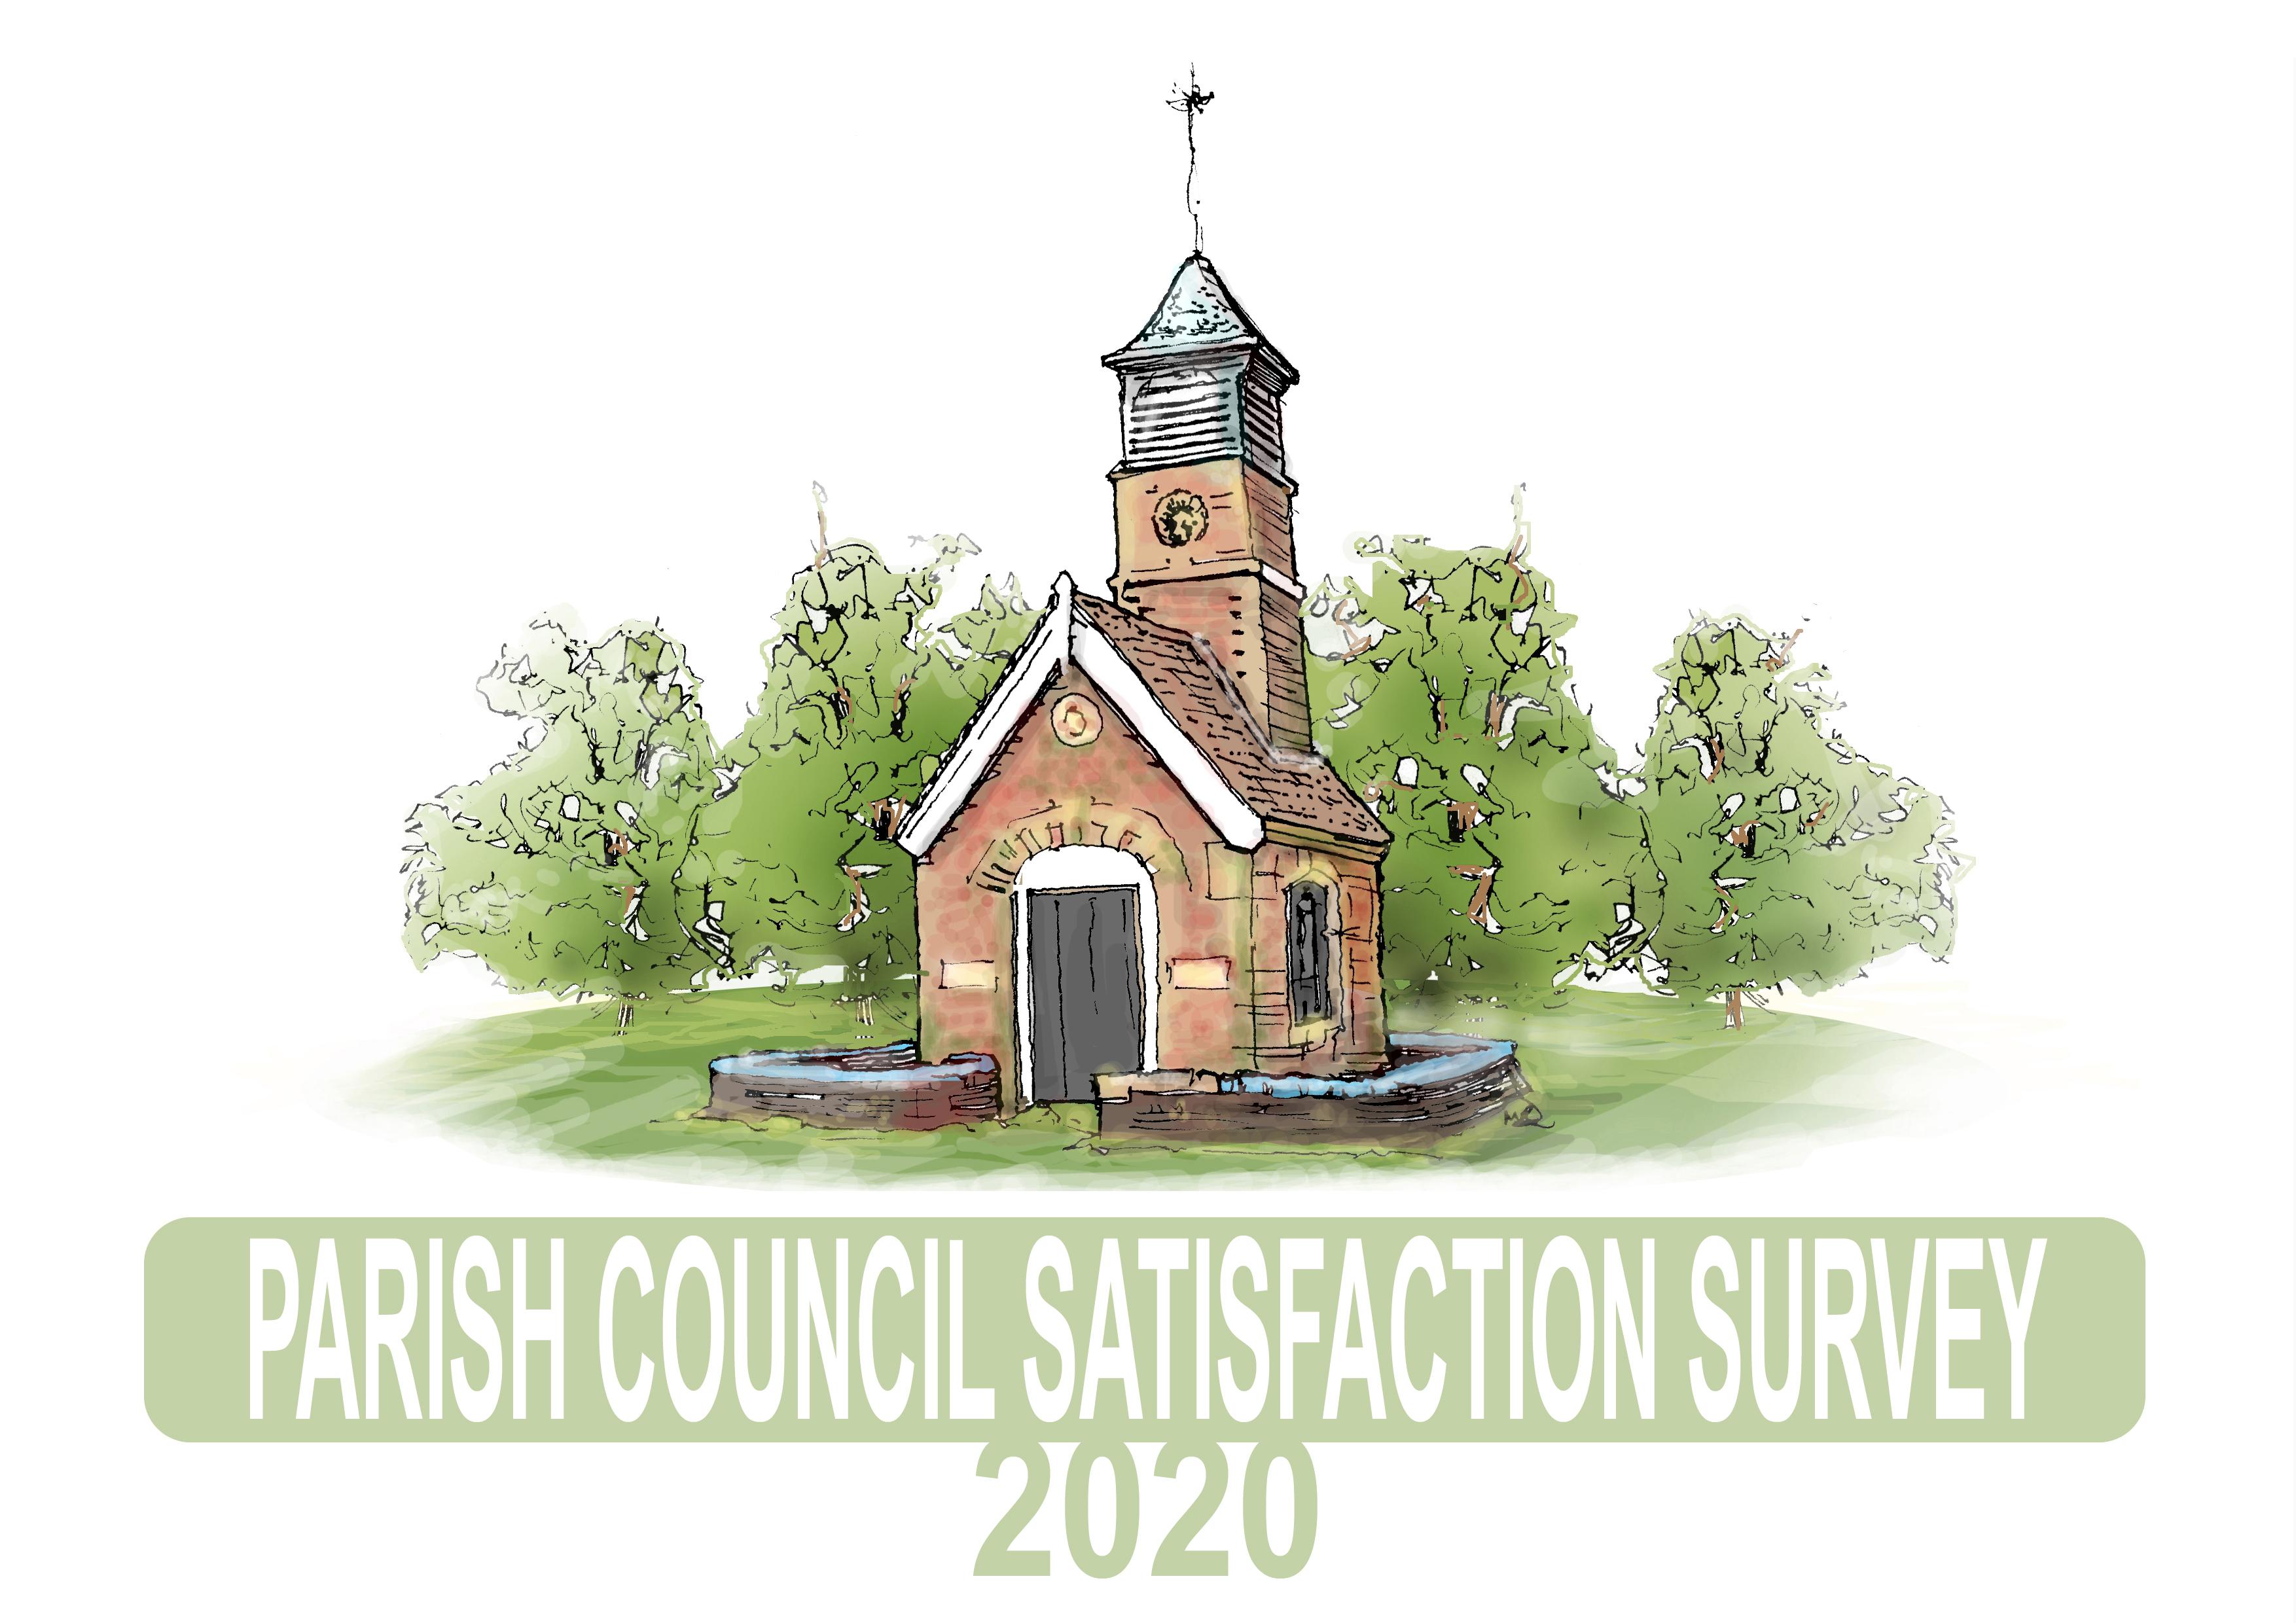 Parish Council Satisfaction Survey 2020